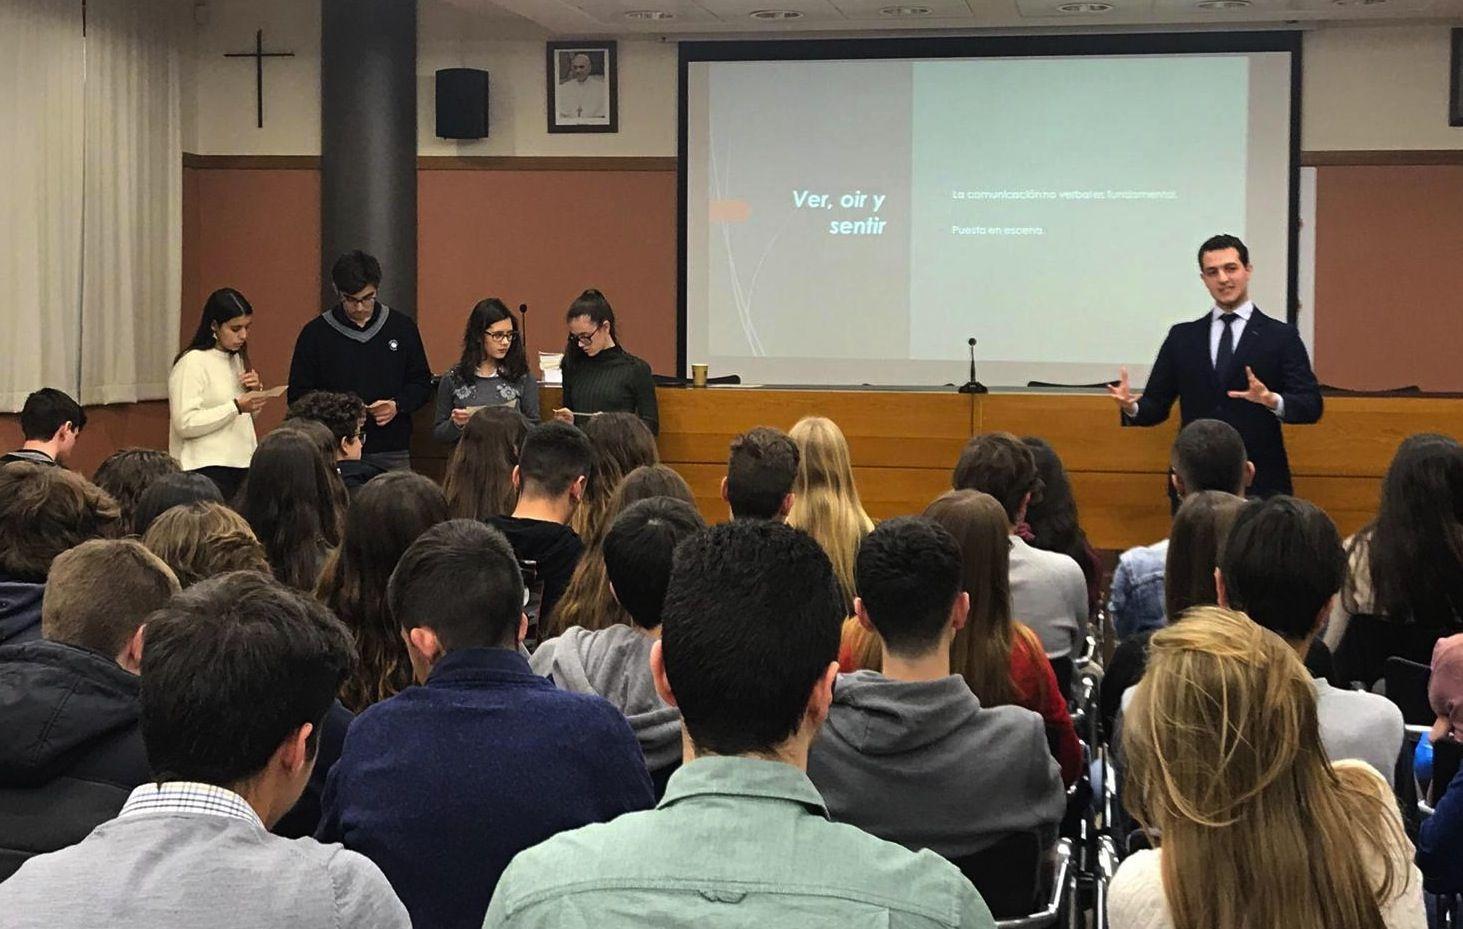 En su etapa como profesor en la CEU UCH, Daniel Torres ha participado en actividades académicas de la Facultad, como la Olimpiada jurídica para preuniversitarios.